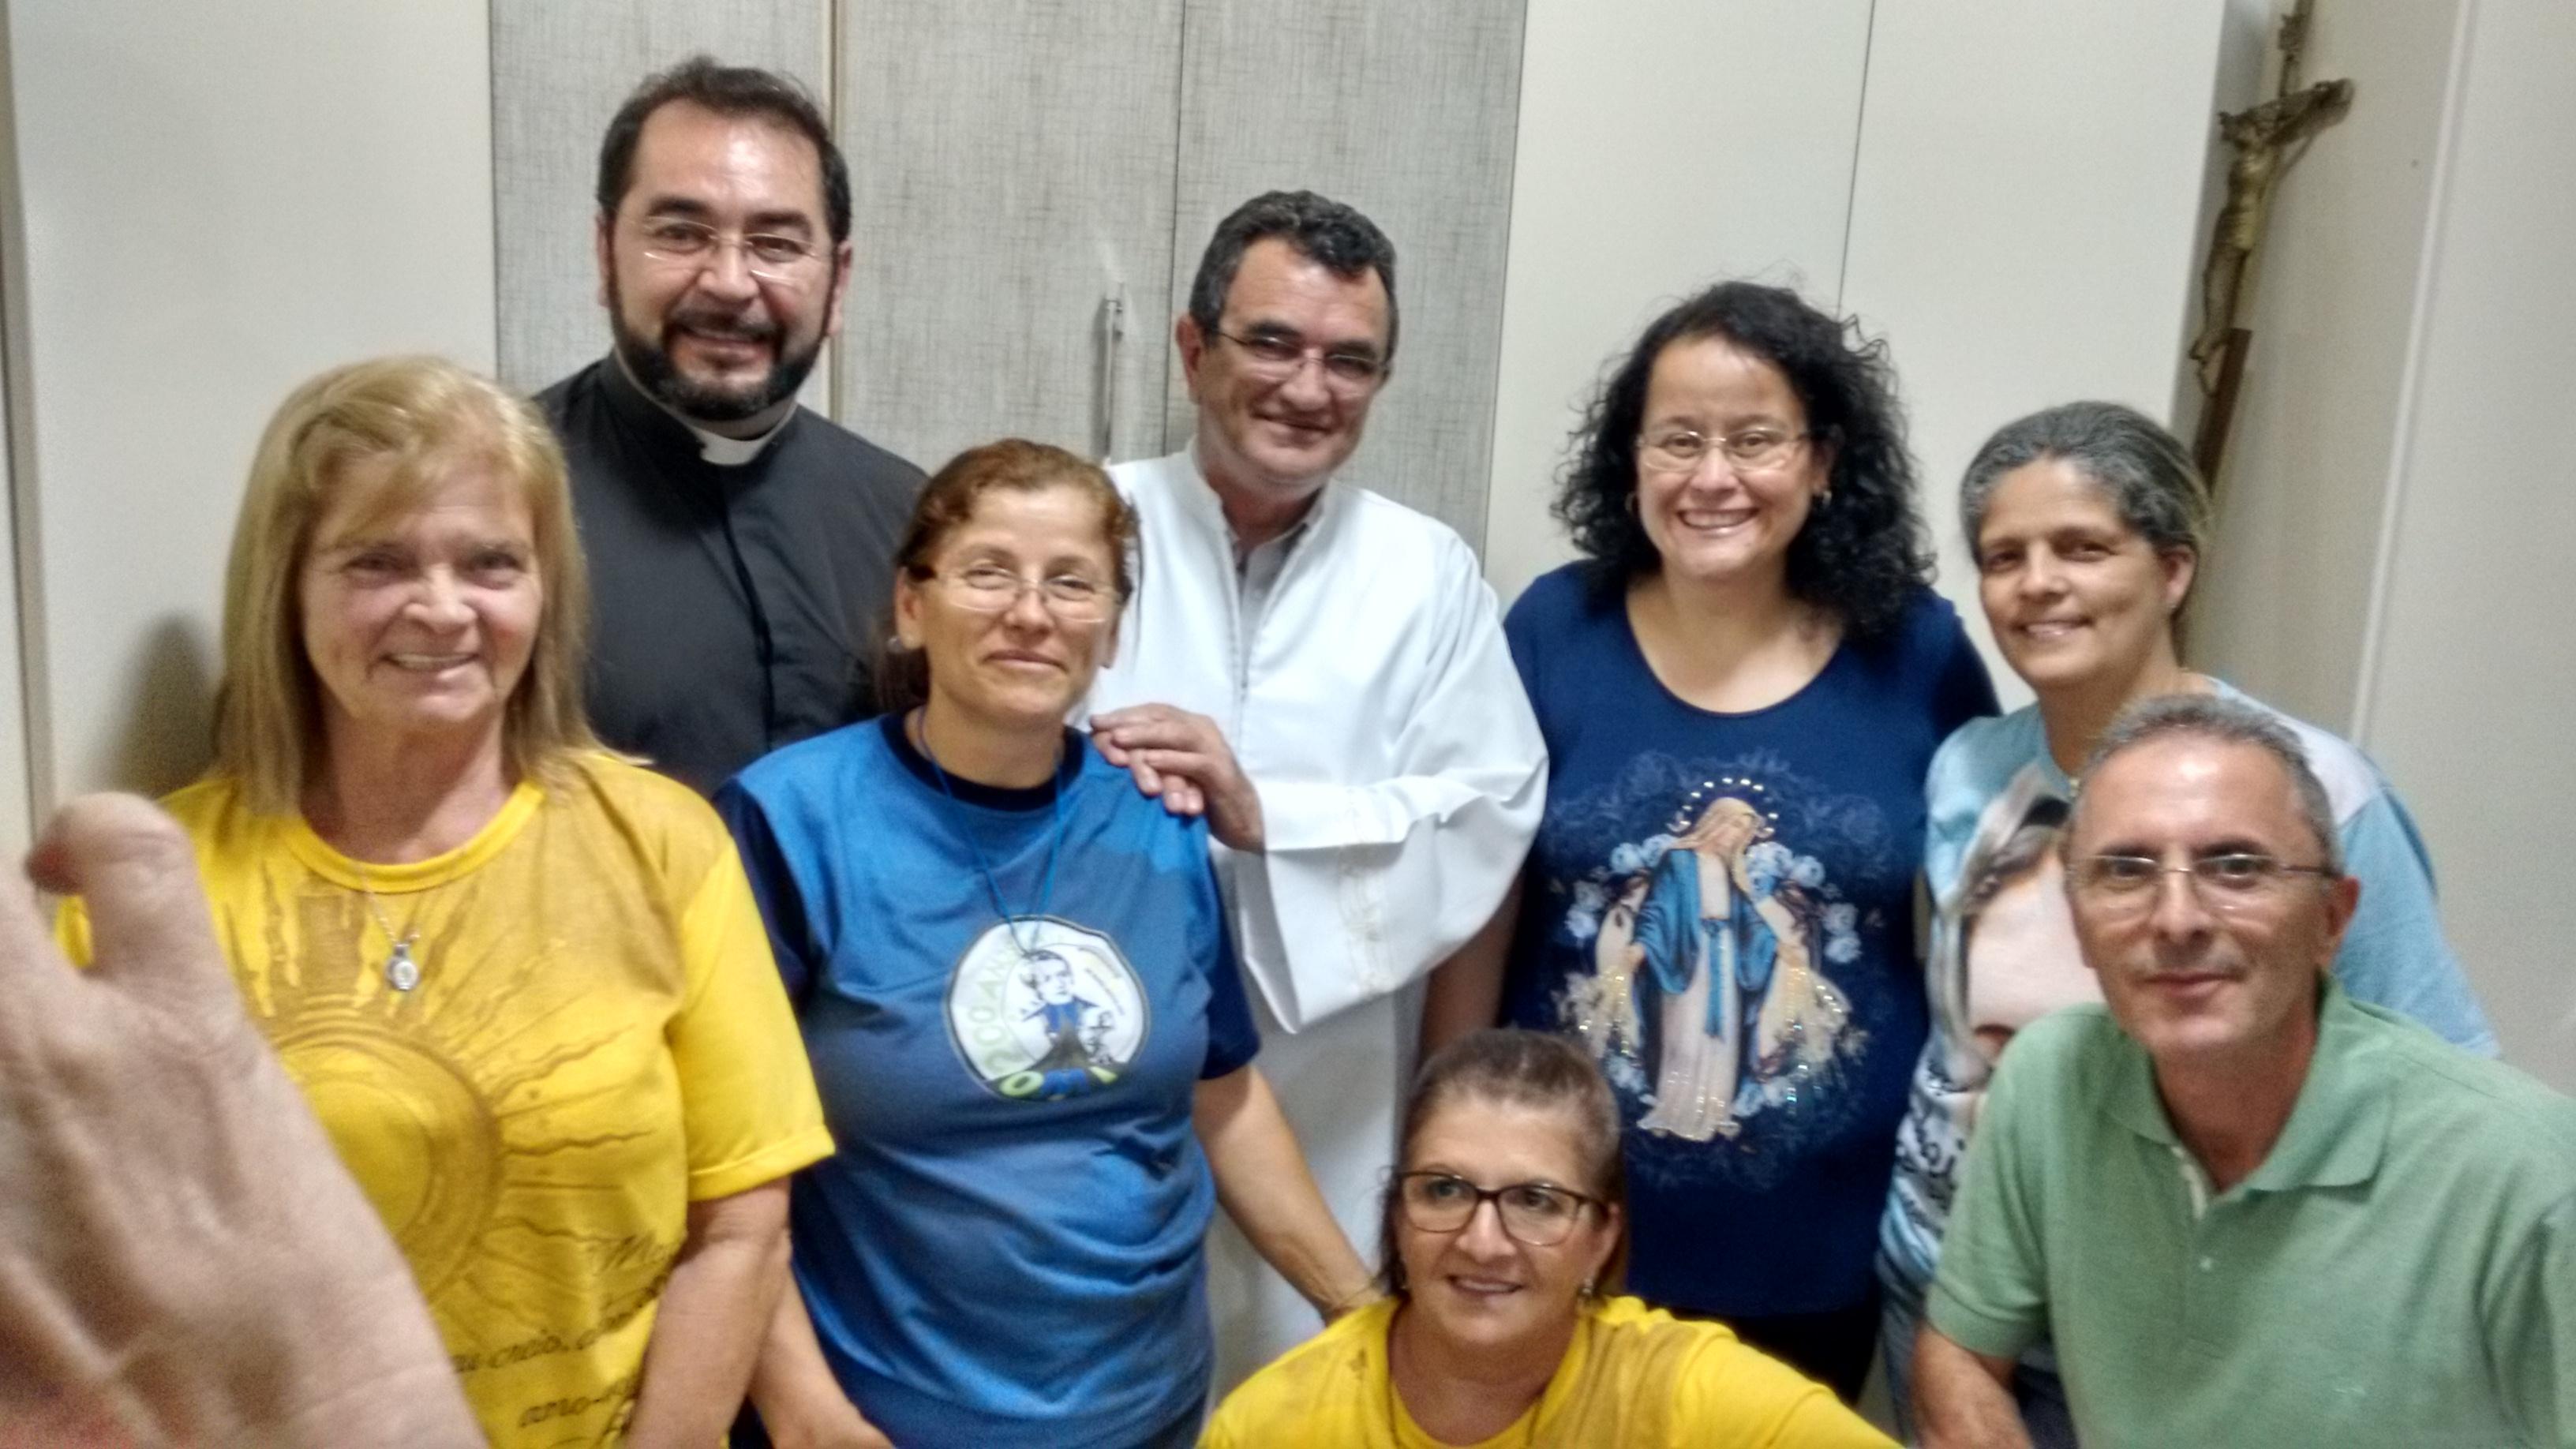 Ministros da Eucaristia da Paróquia Nossa Senhora das Graças em Pindamonhangaba com o Pe. Ferdinando Mancilio, C.Ss.R.